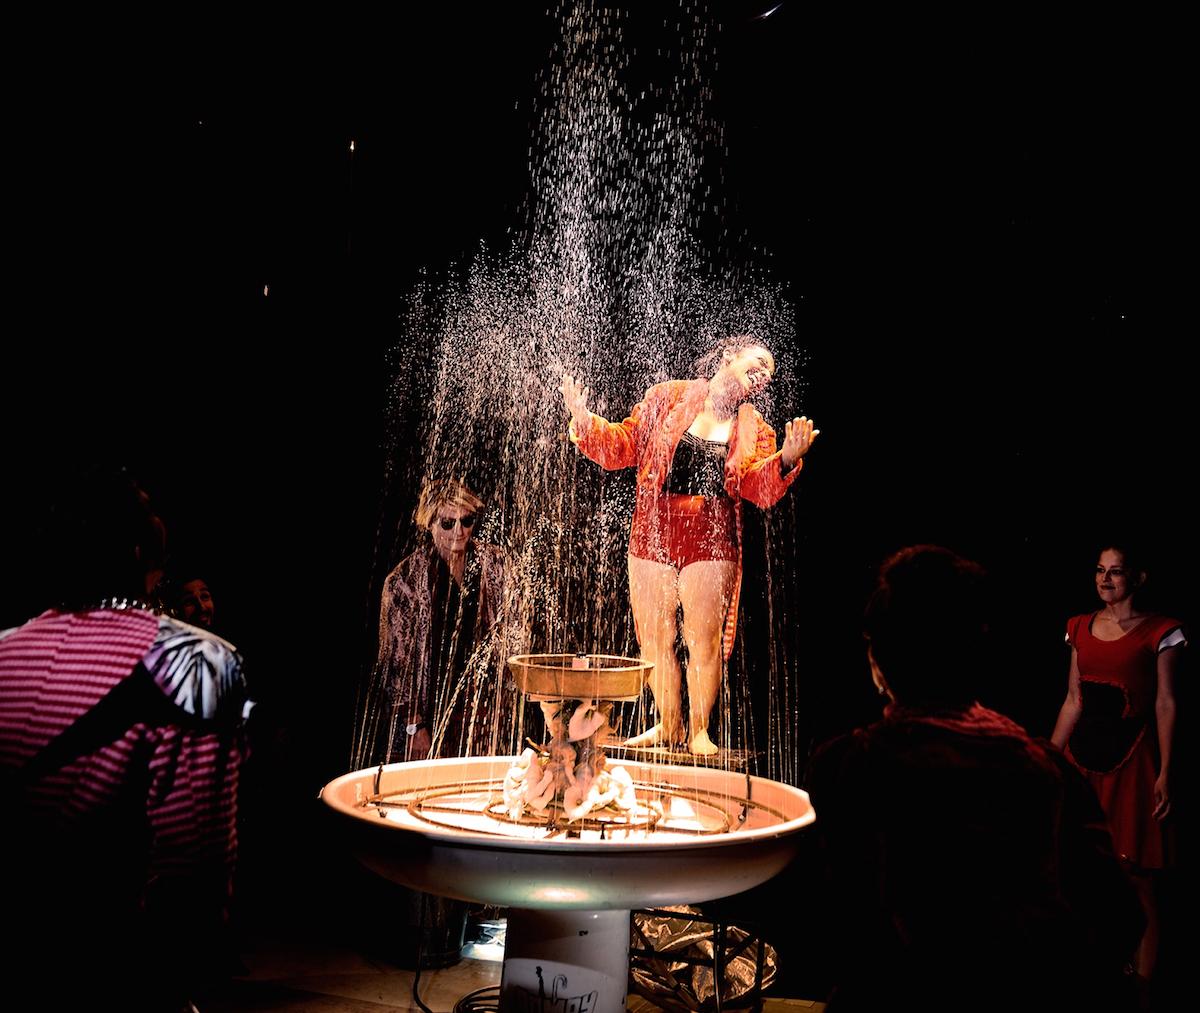 Die Clownfrau Olivia Weinstein macht sich sowohl als Wasserdirigentin als auch als Brunnenfigur gut.